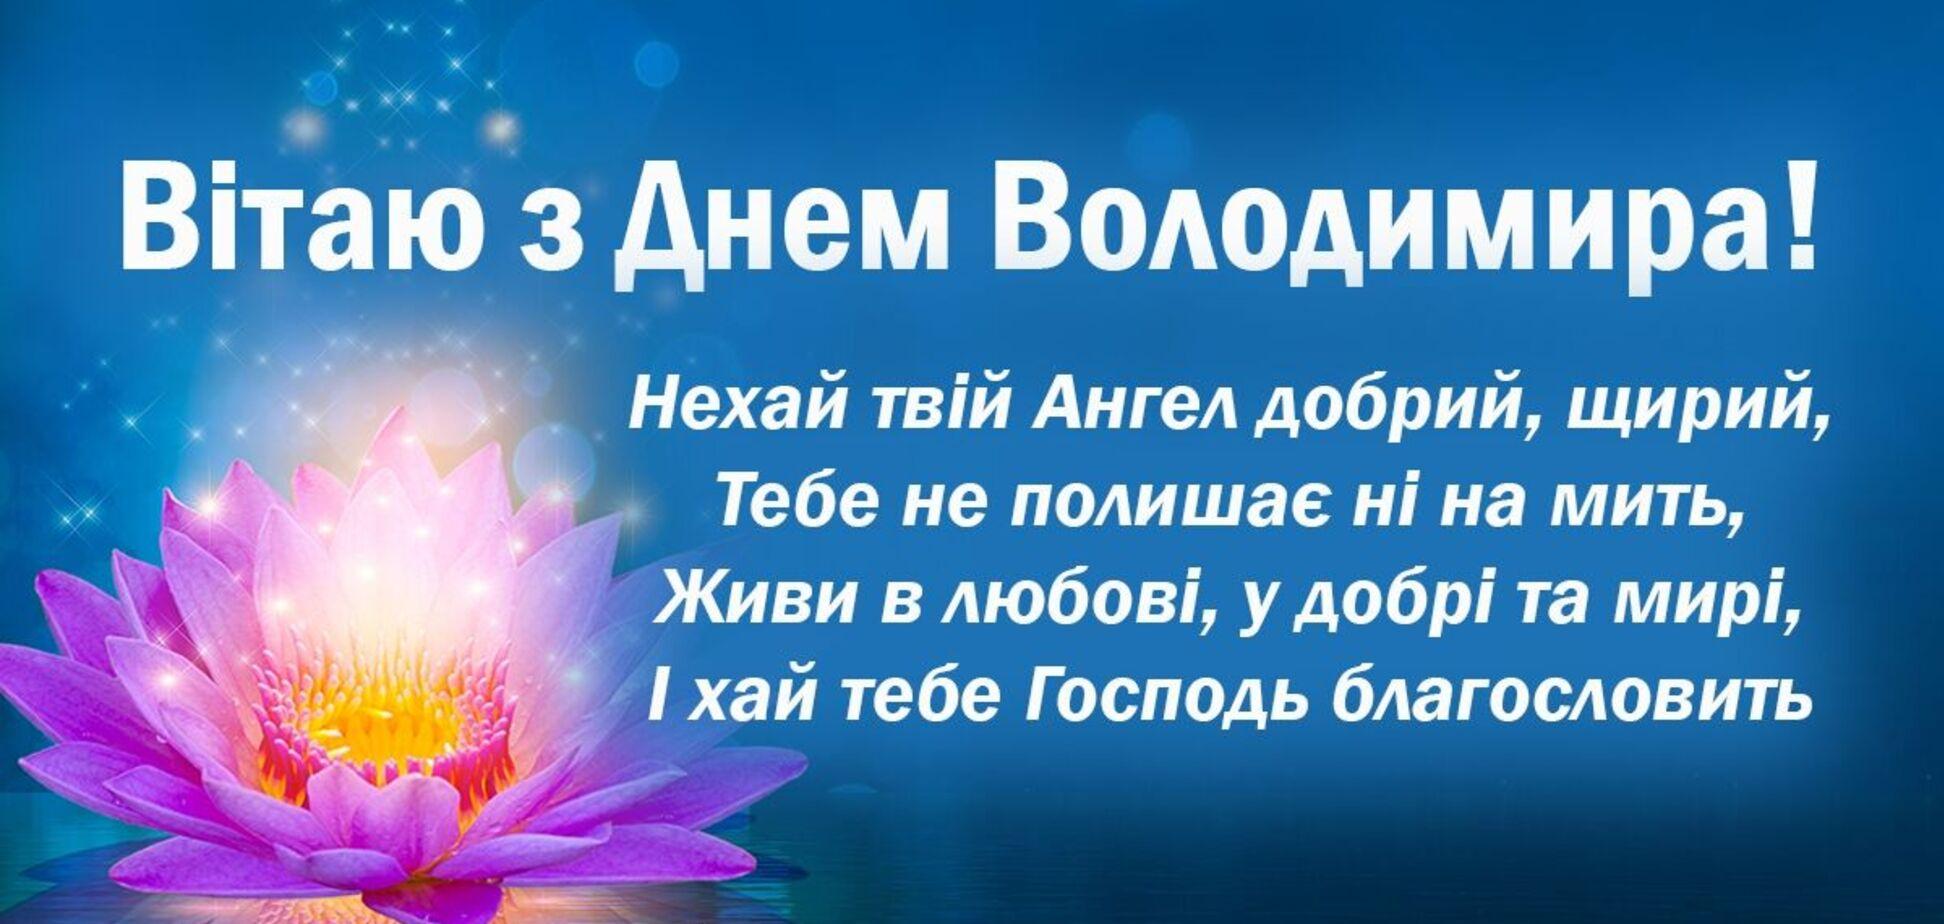 17 октября церковь почитает память благоверного князя Владимира Ярославича Новгородского